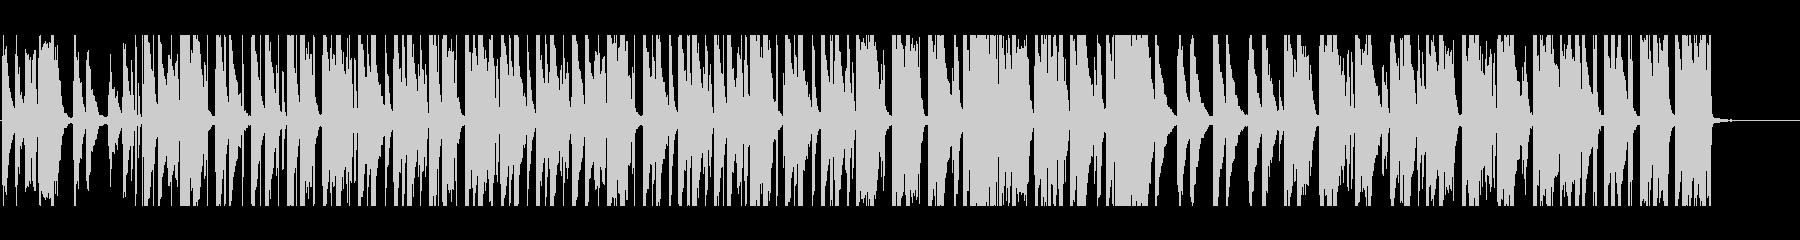 女性英語歌詞 チルベッドタイムバラードの未再生の波形